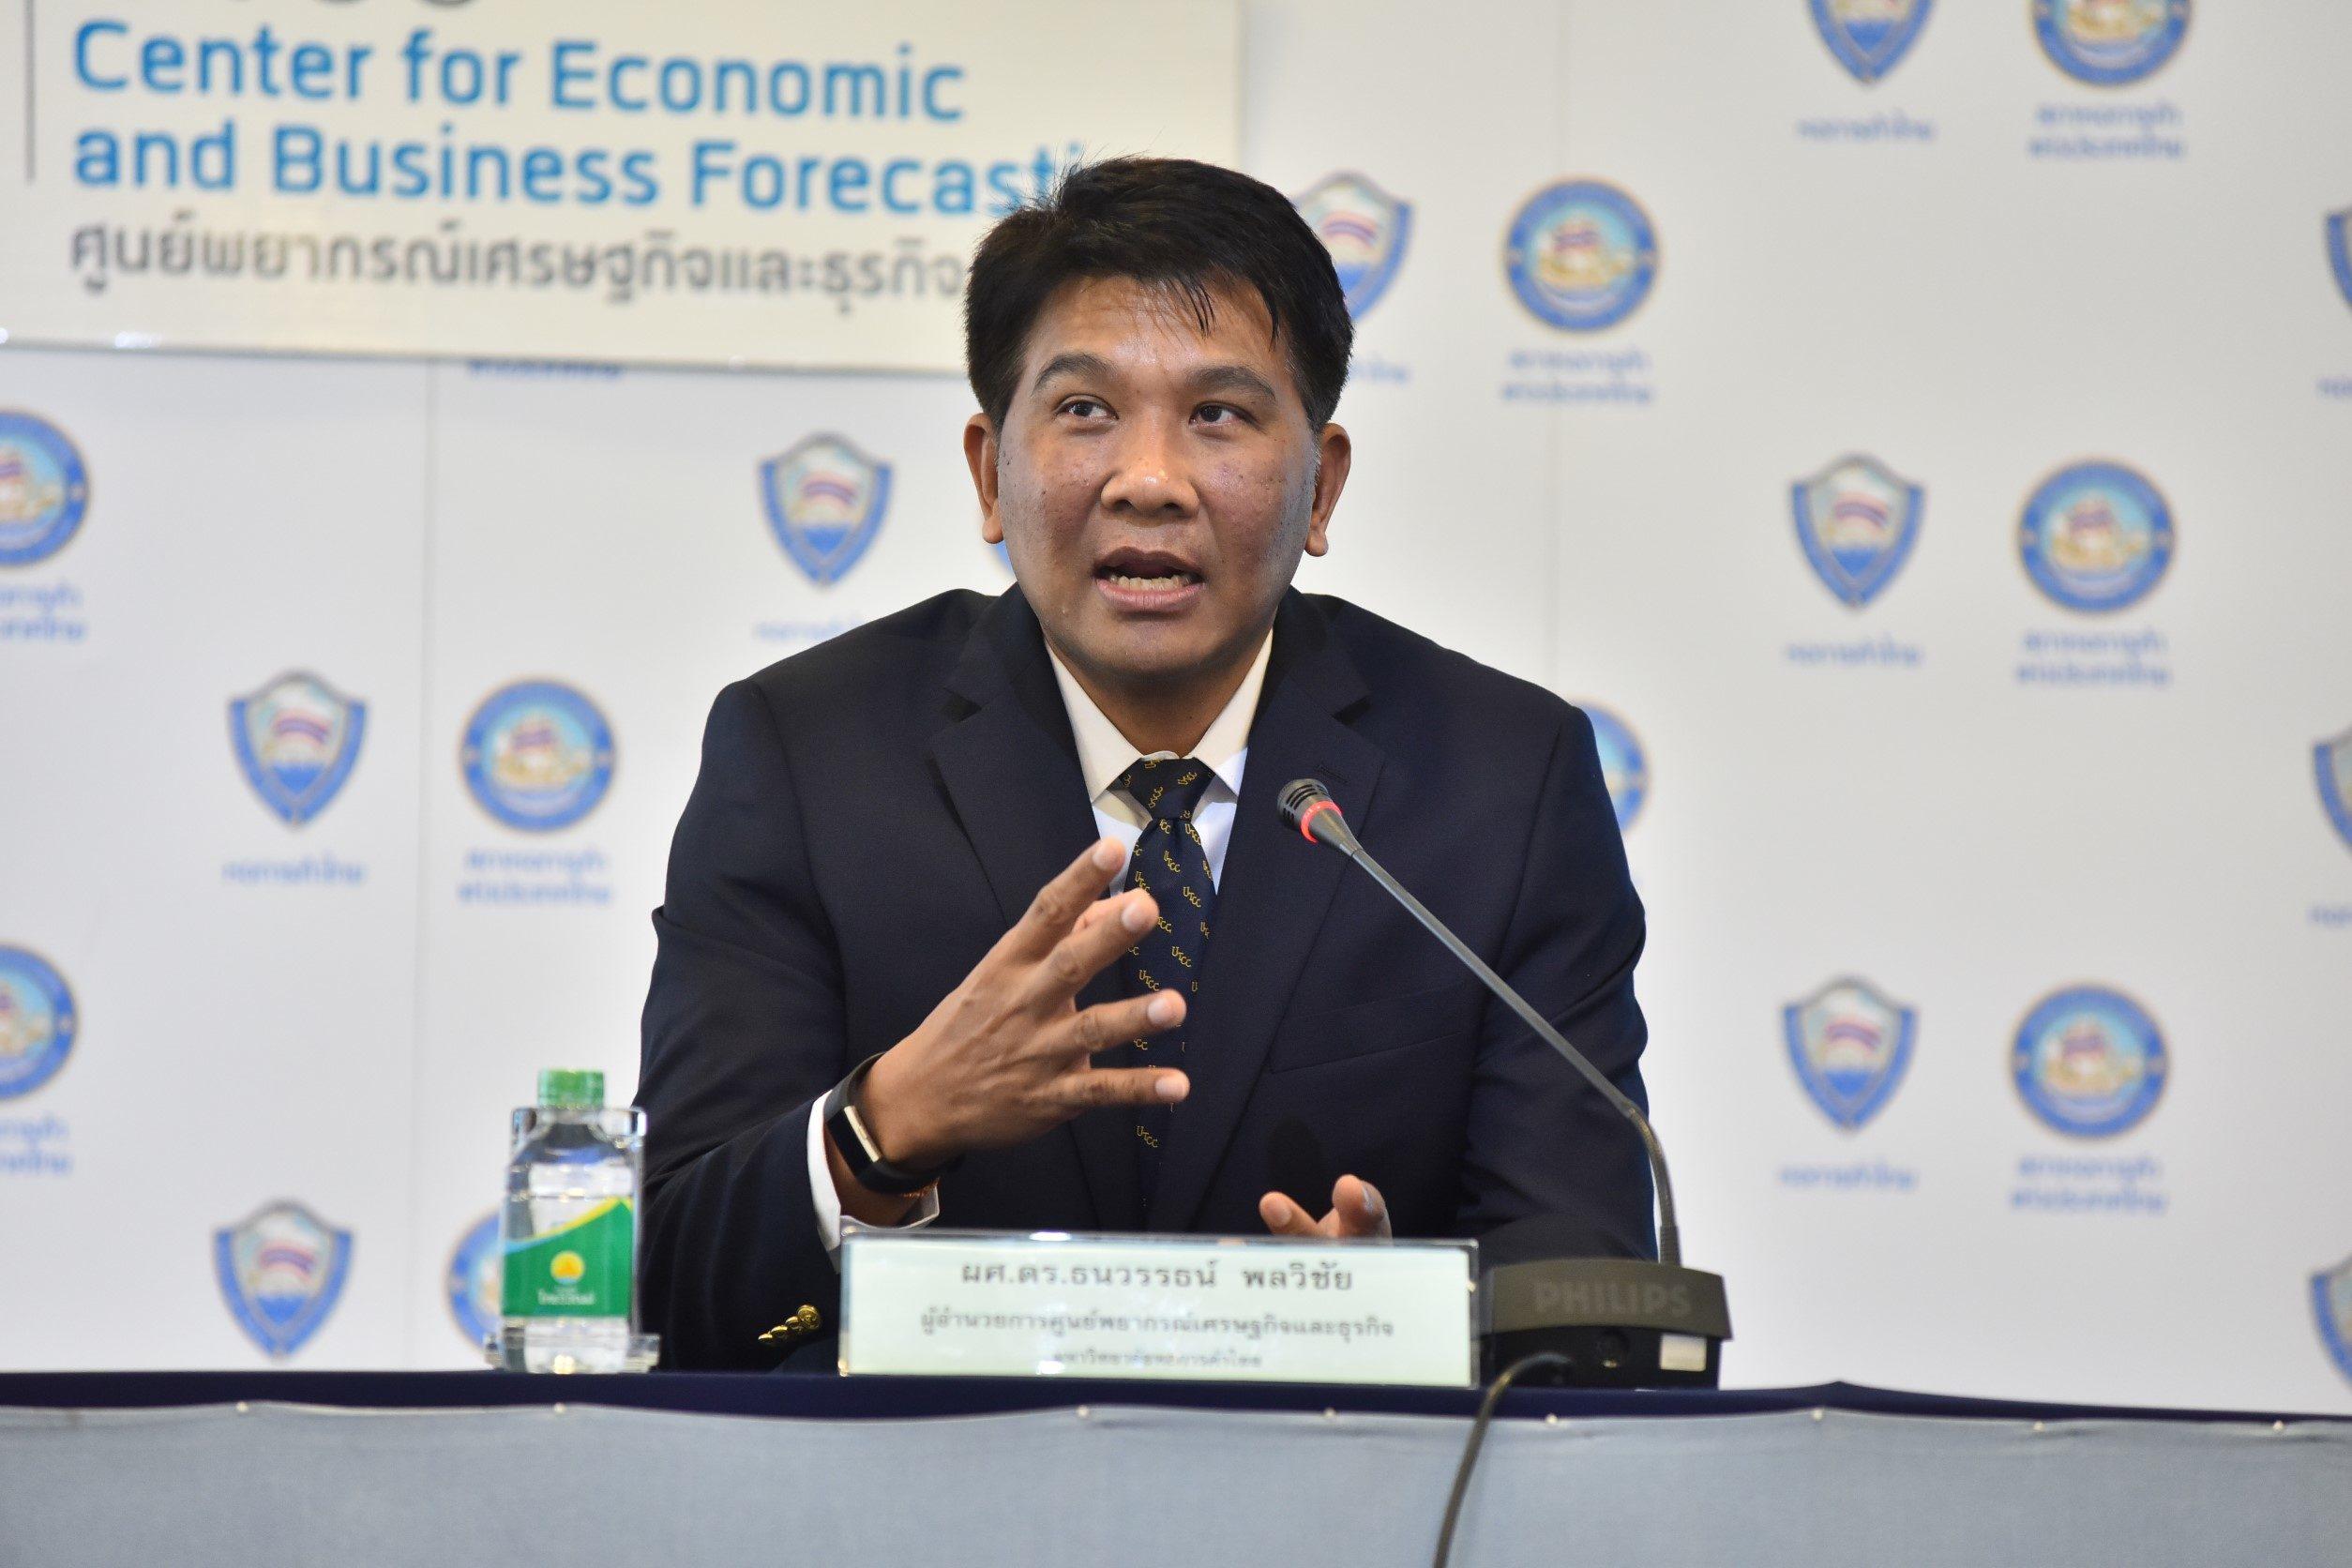 ม.หอการค้าไทยลุ้นค้าโลกคึกดันศก.ไทยโต 0.1-0.2% หลังซึมมานานจากเทรดวอร์